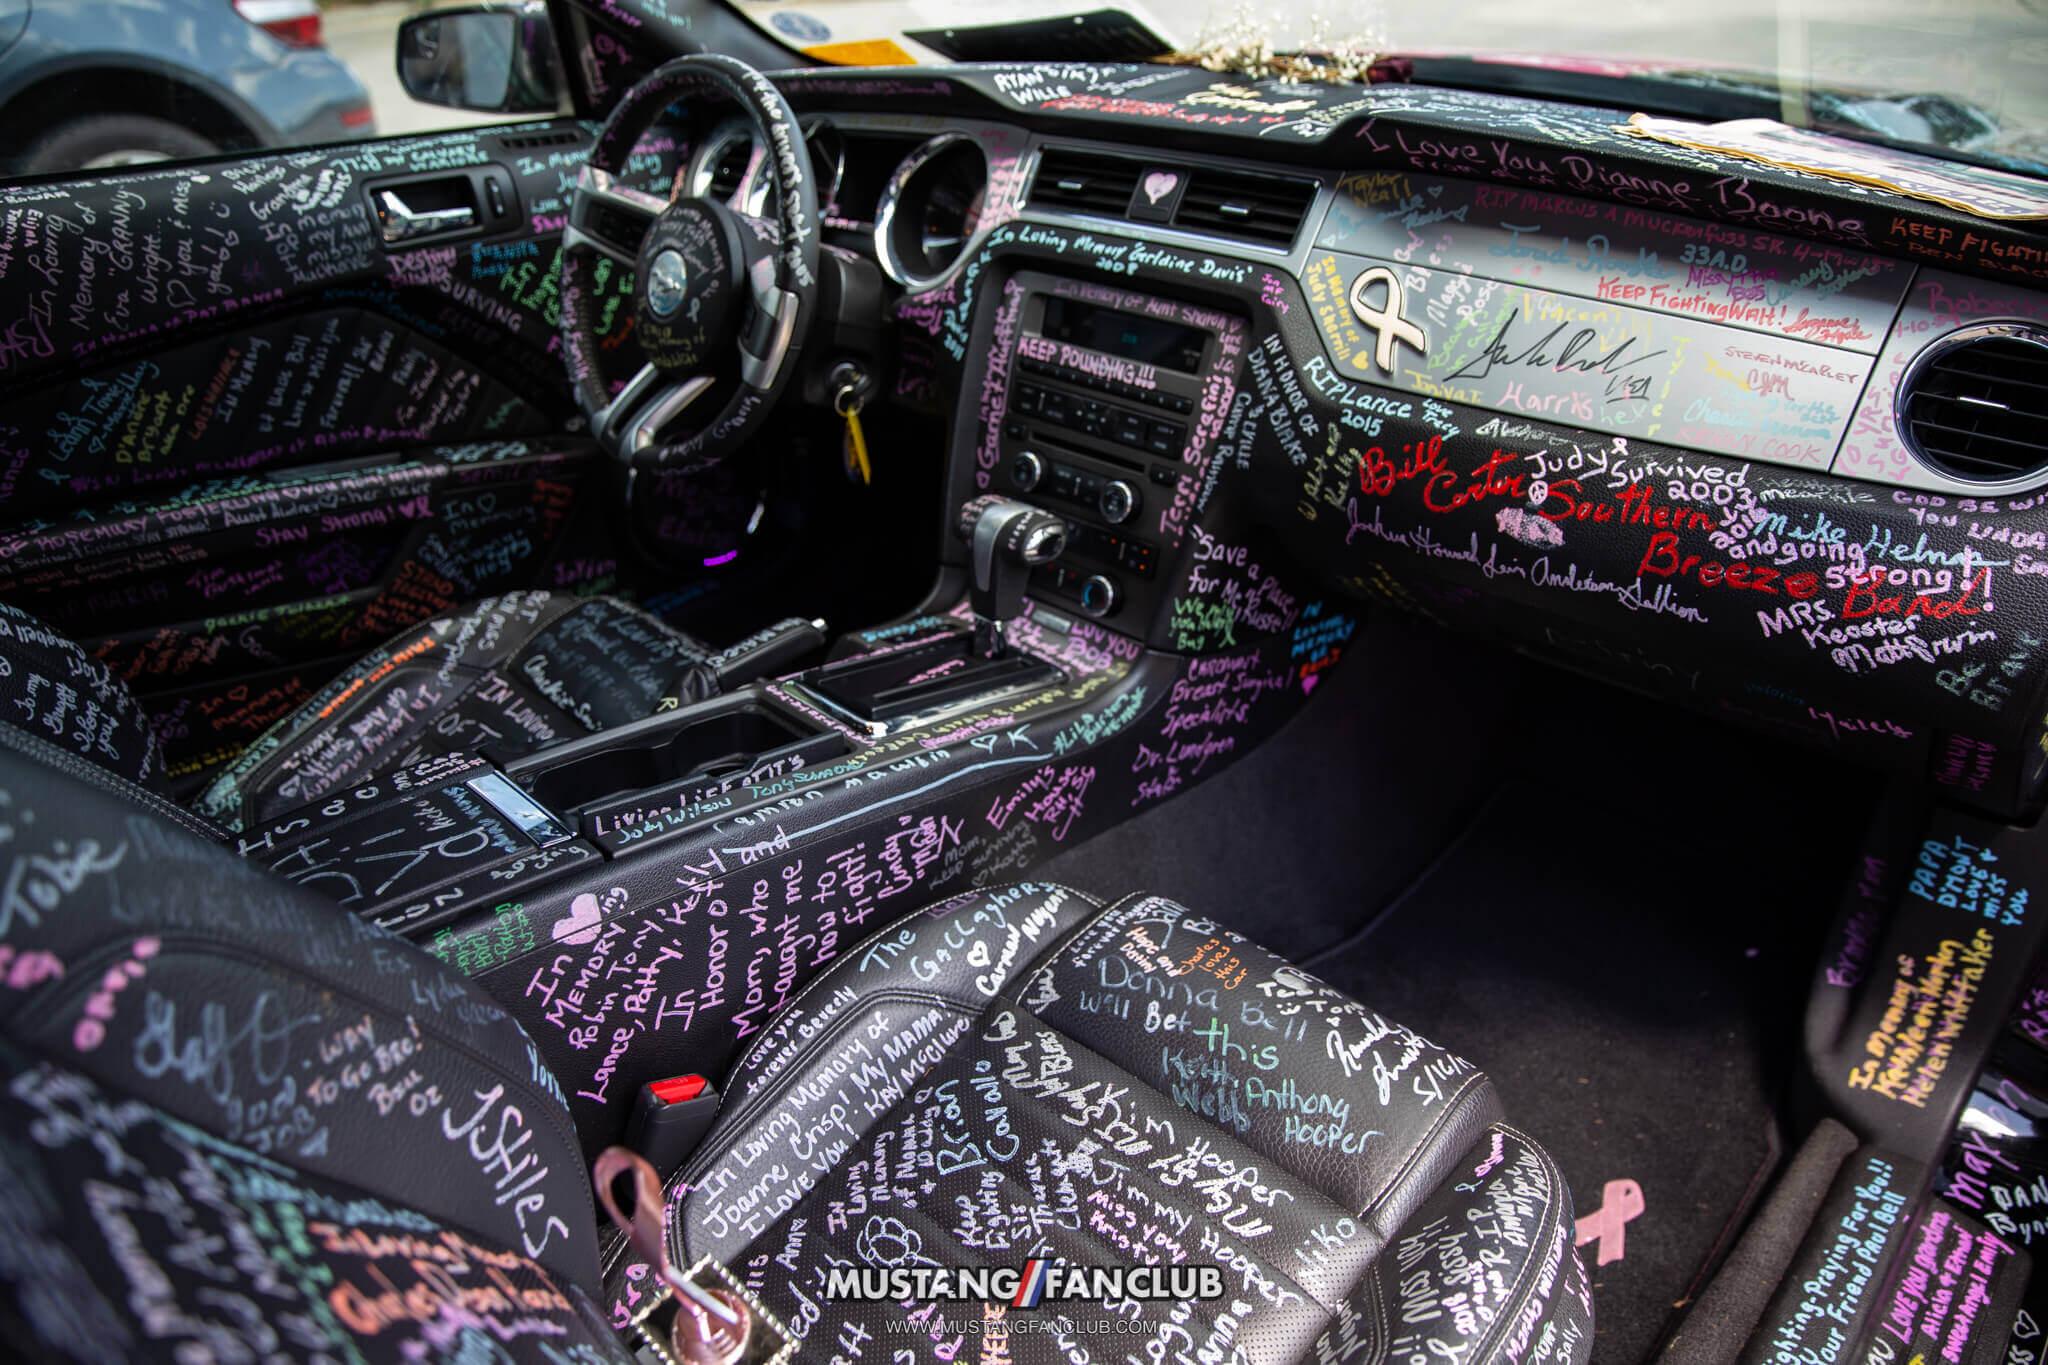 cancer awareness Mustang